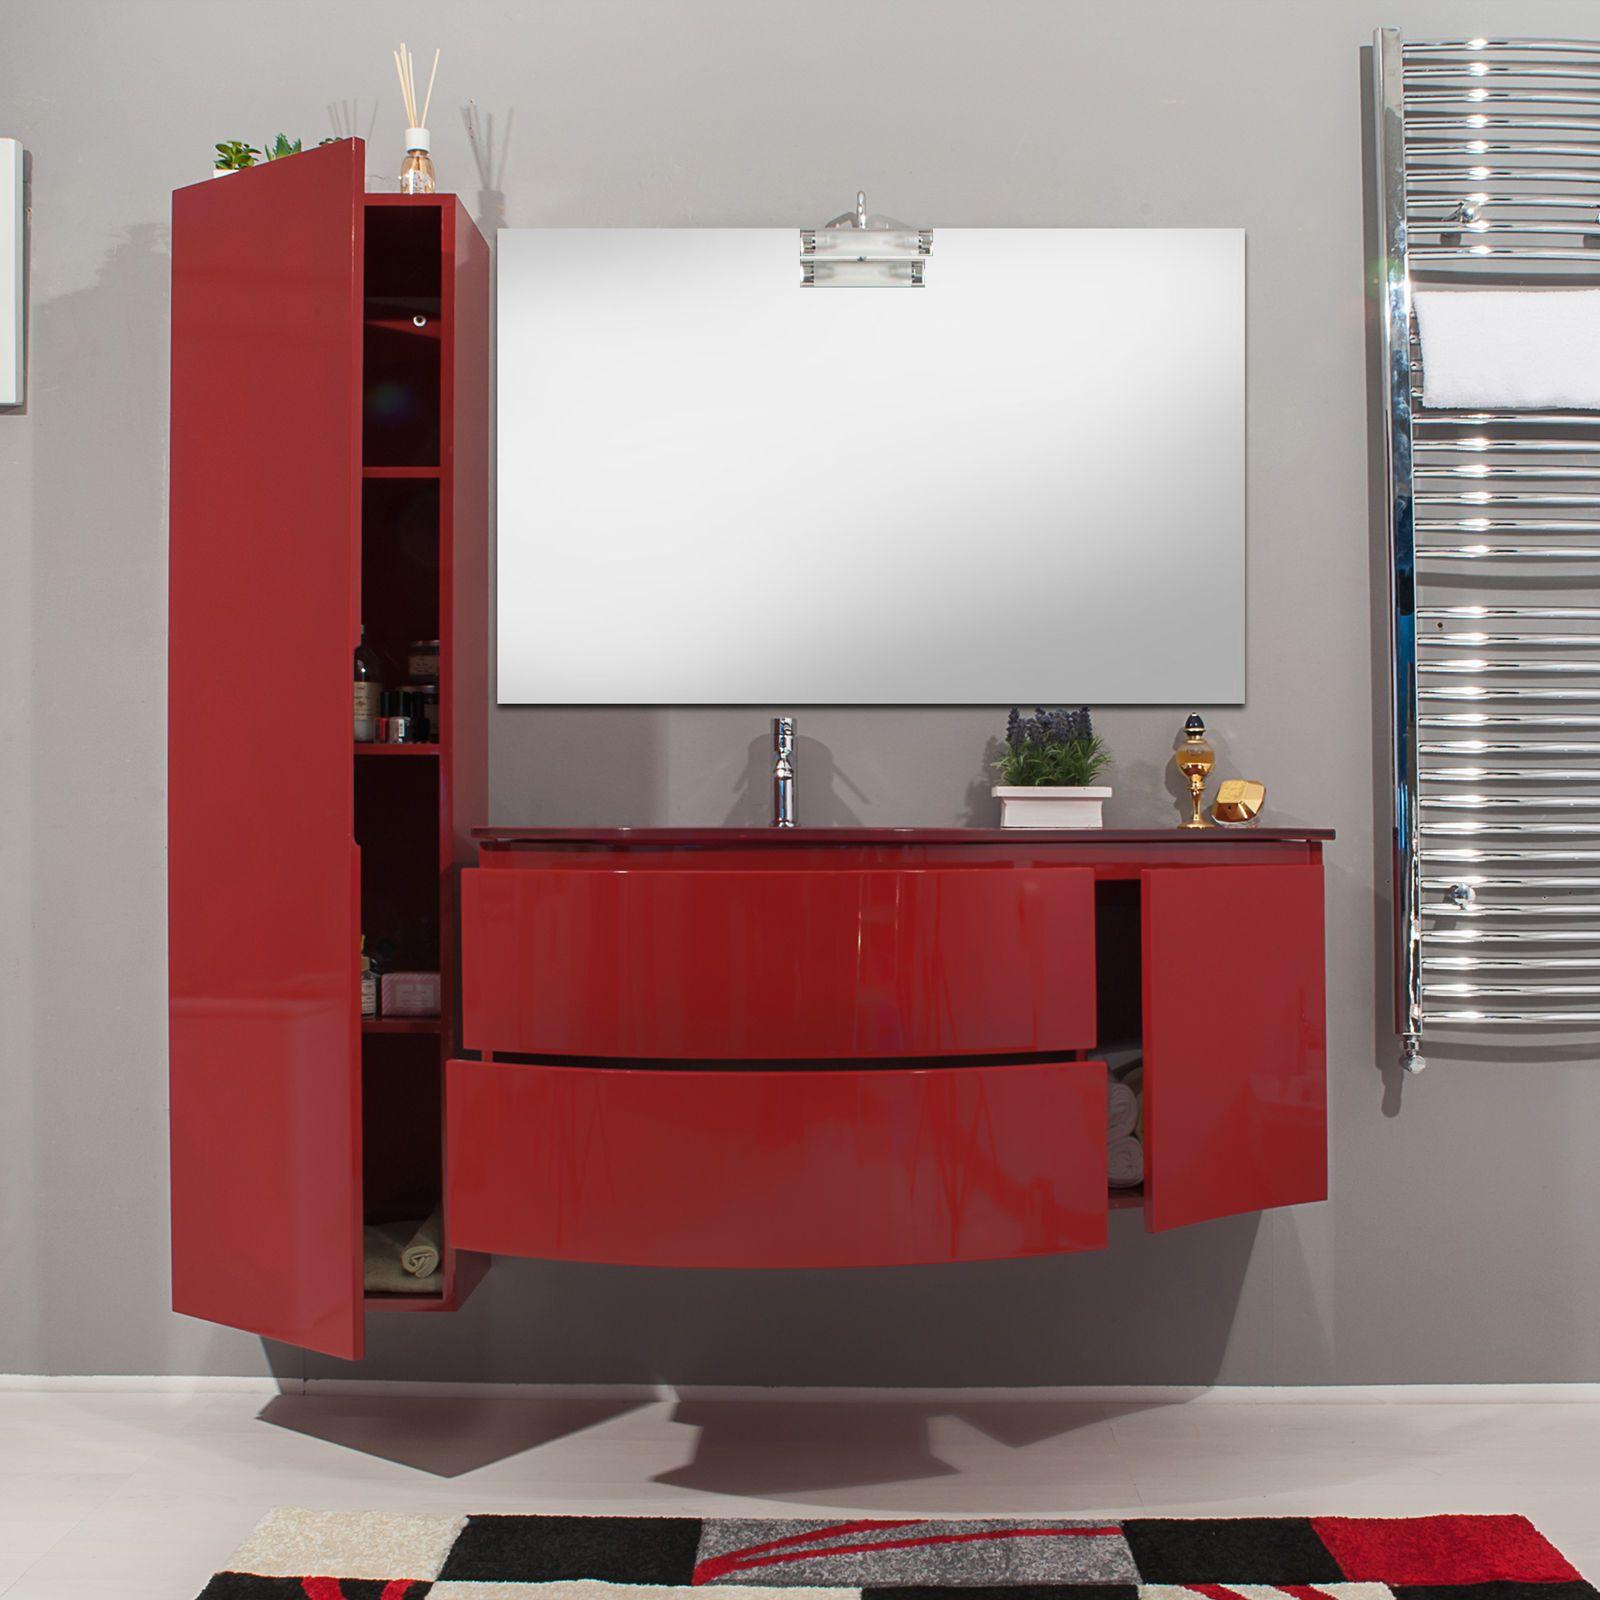 Mobile bagno lavandino decentrato tutte le immagini per for Mobile bagno con lavandino